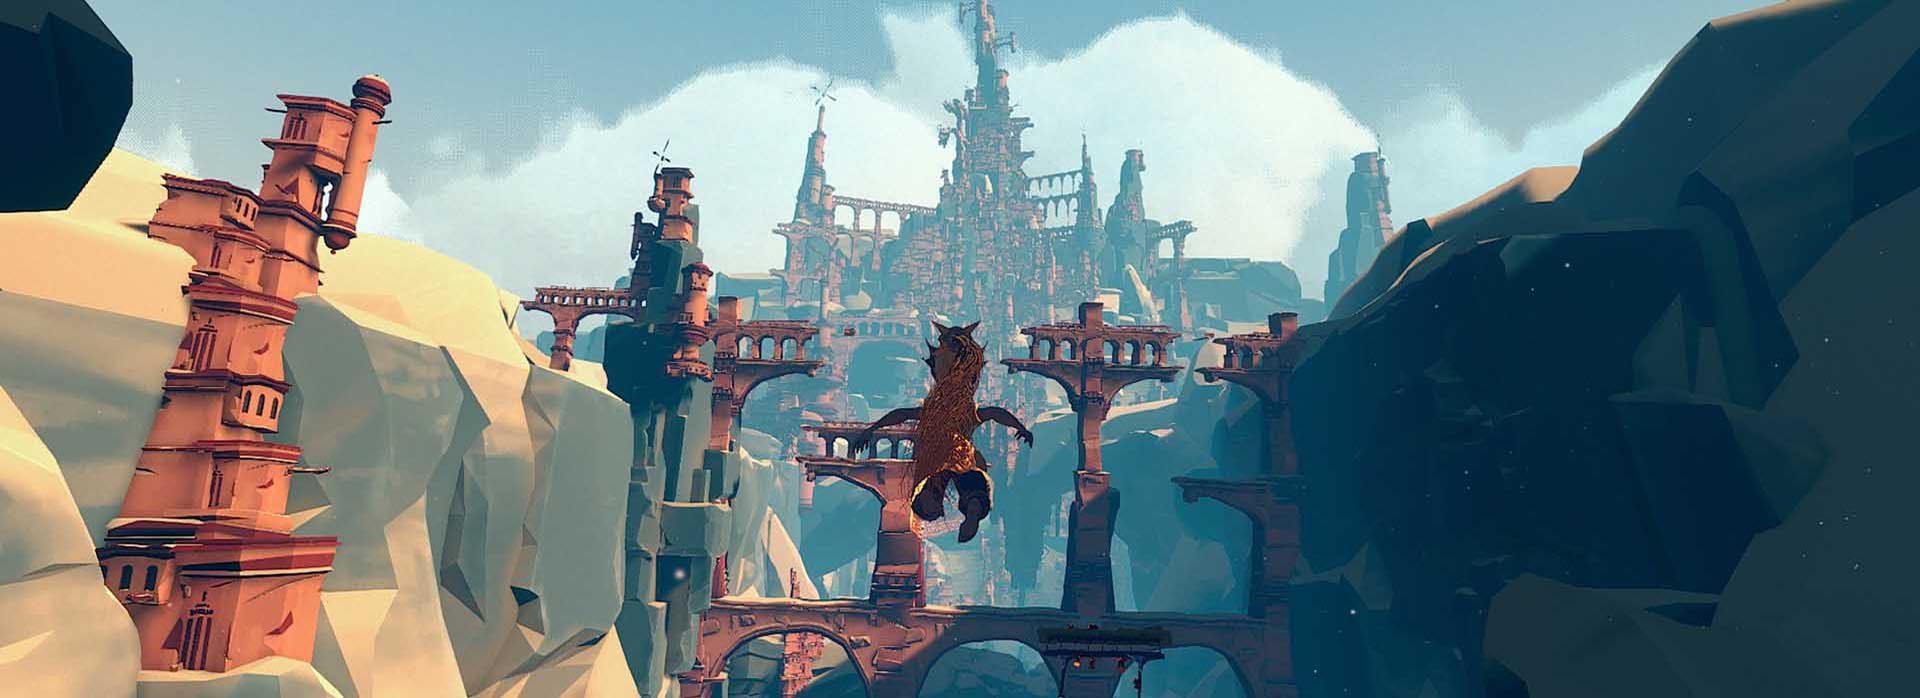 tech-game-art-banner